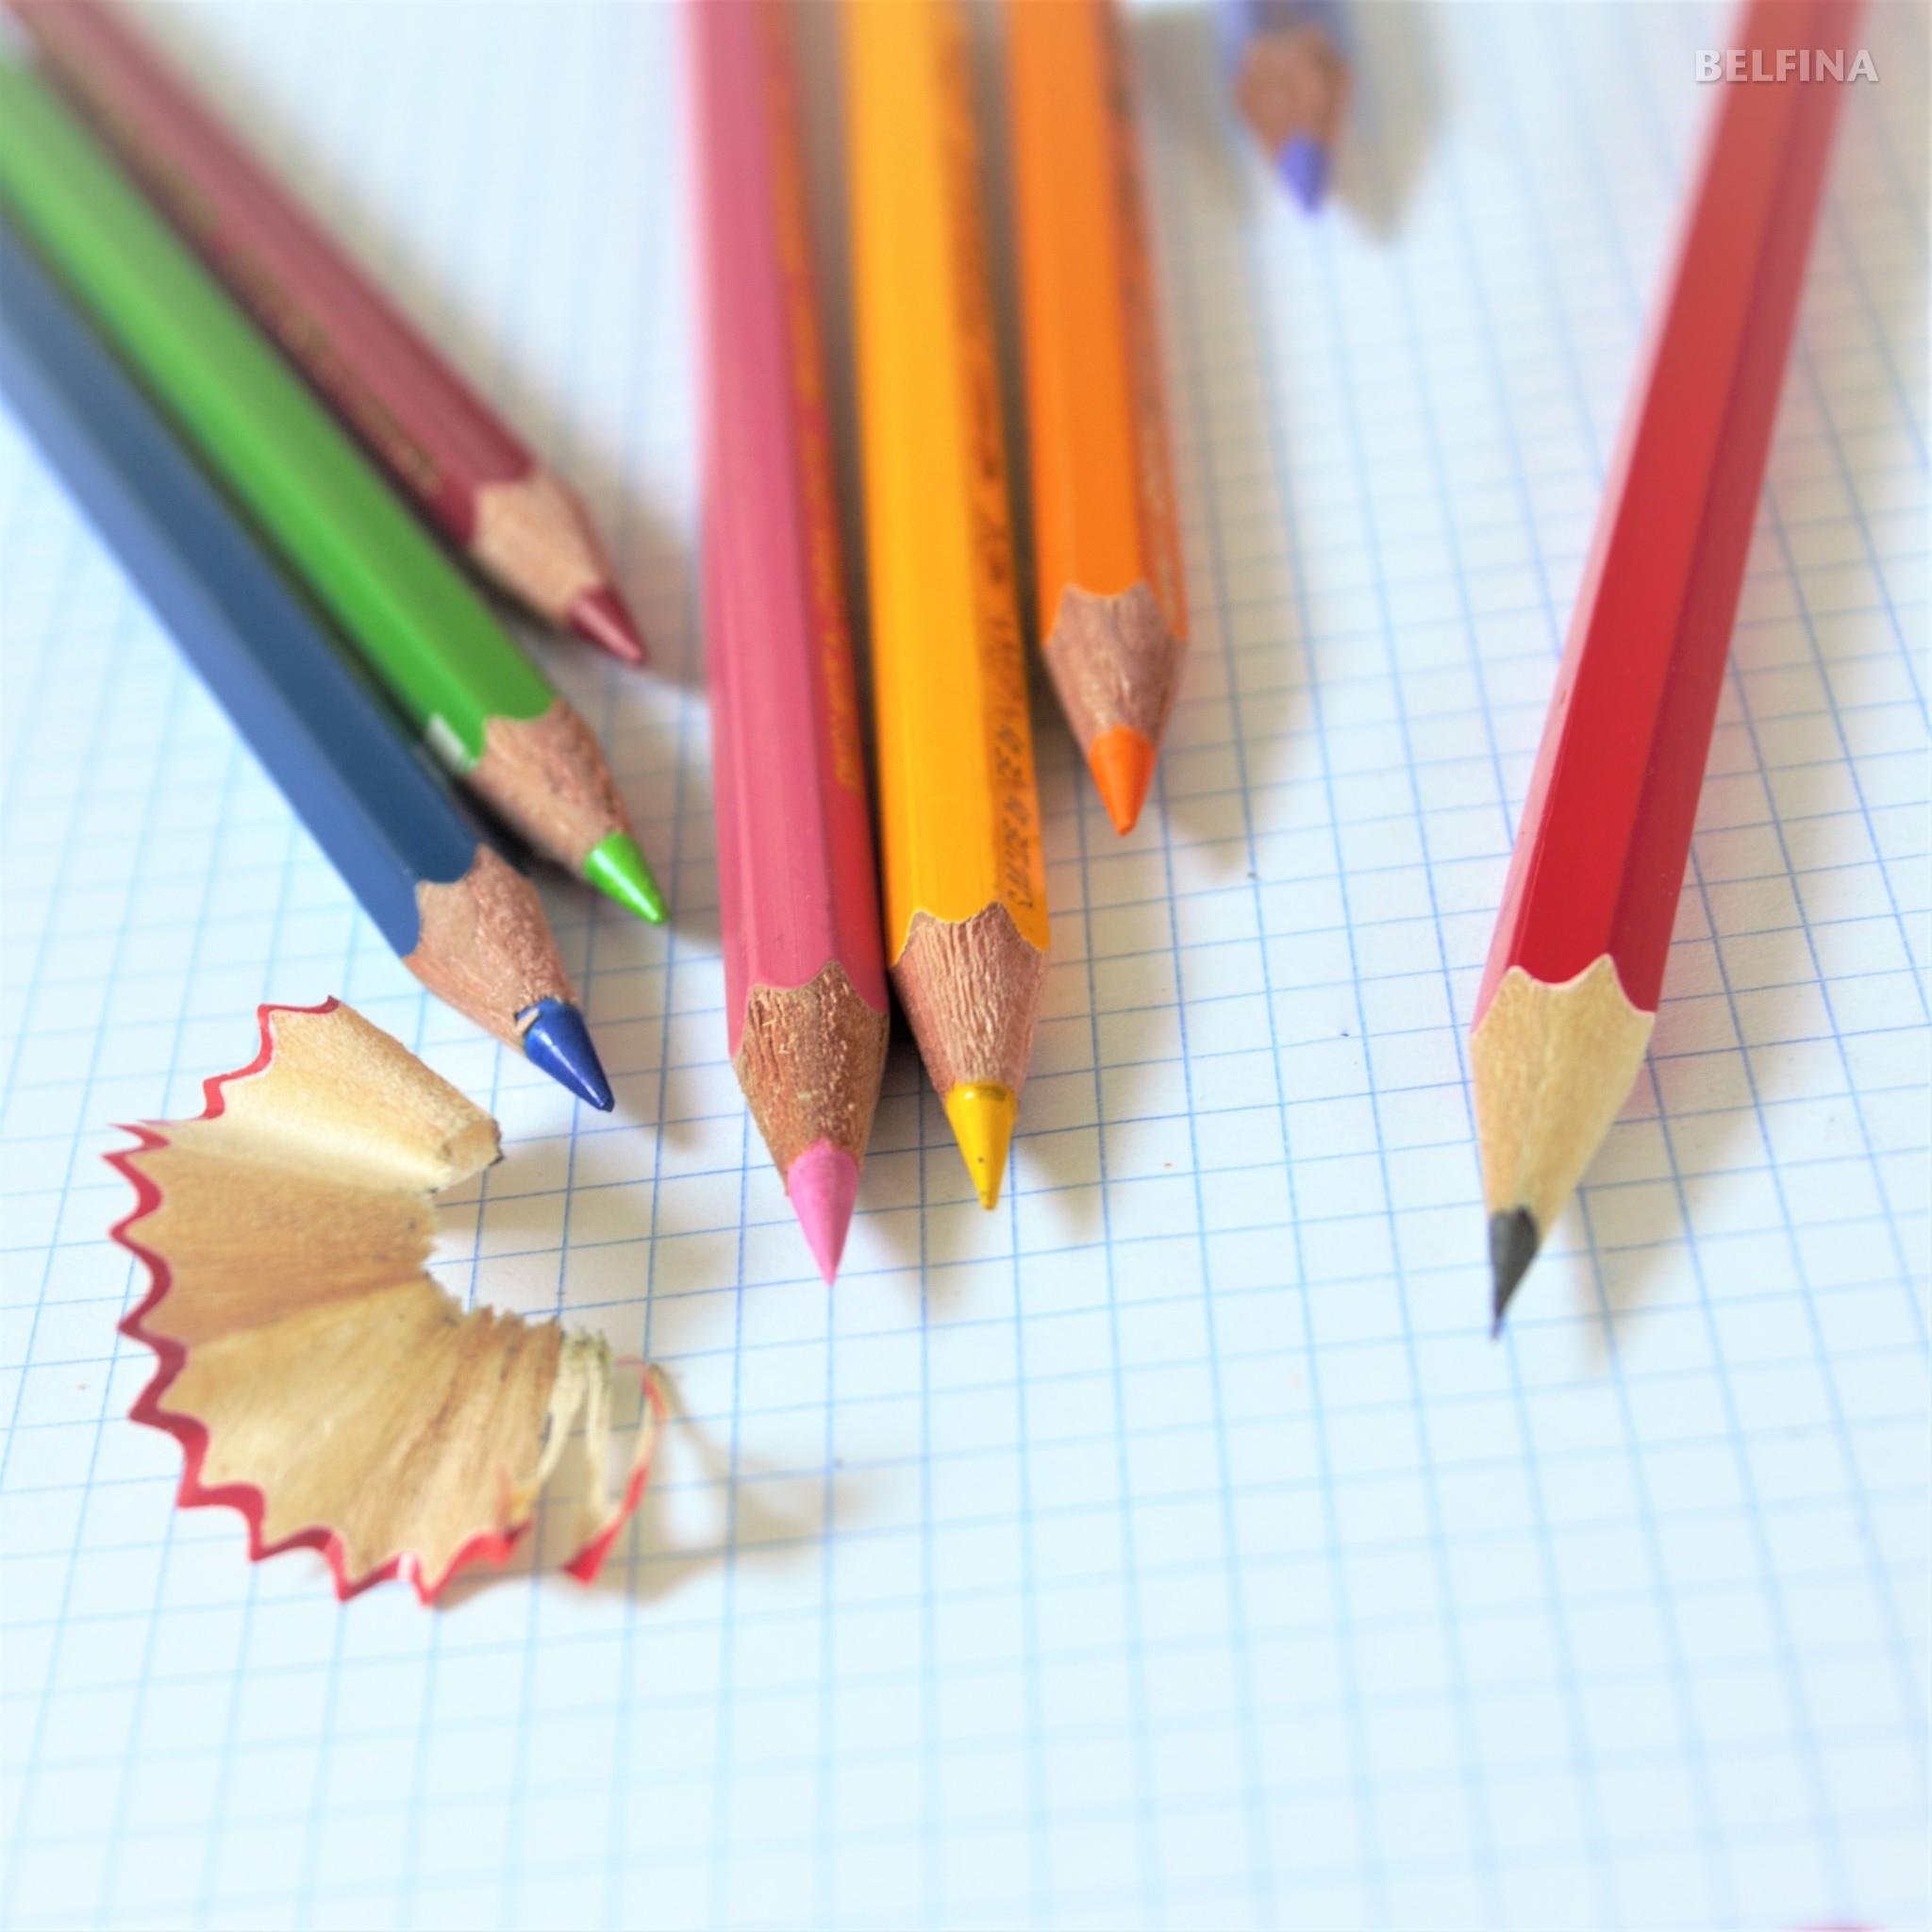 Habt ihr die Stifte schon gespitzt?